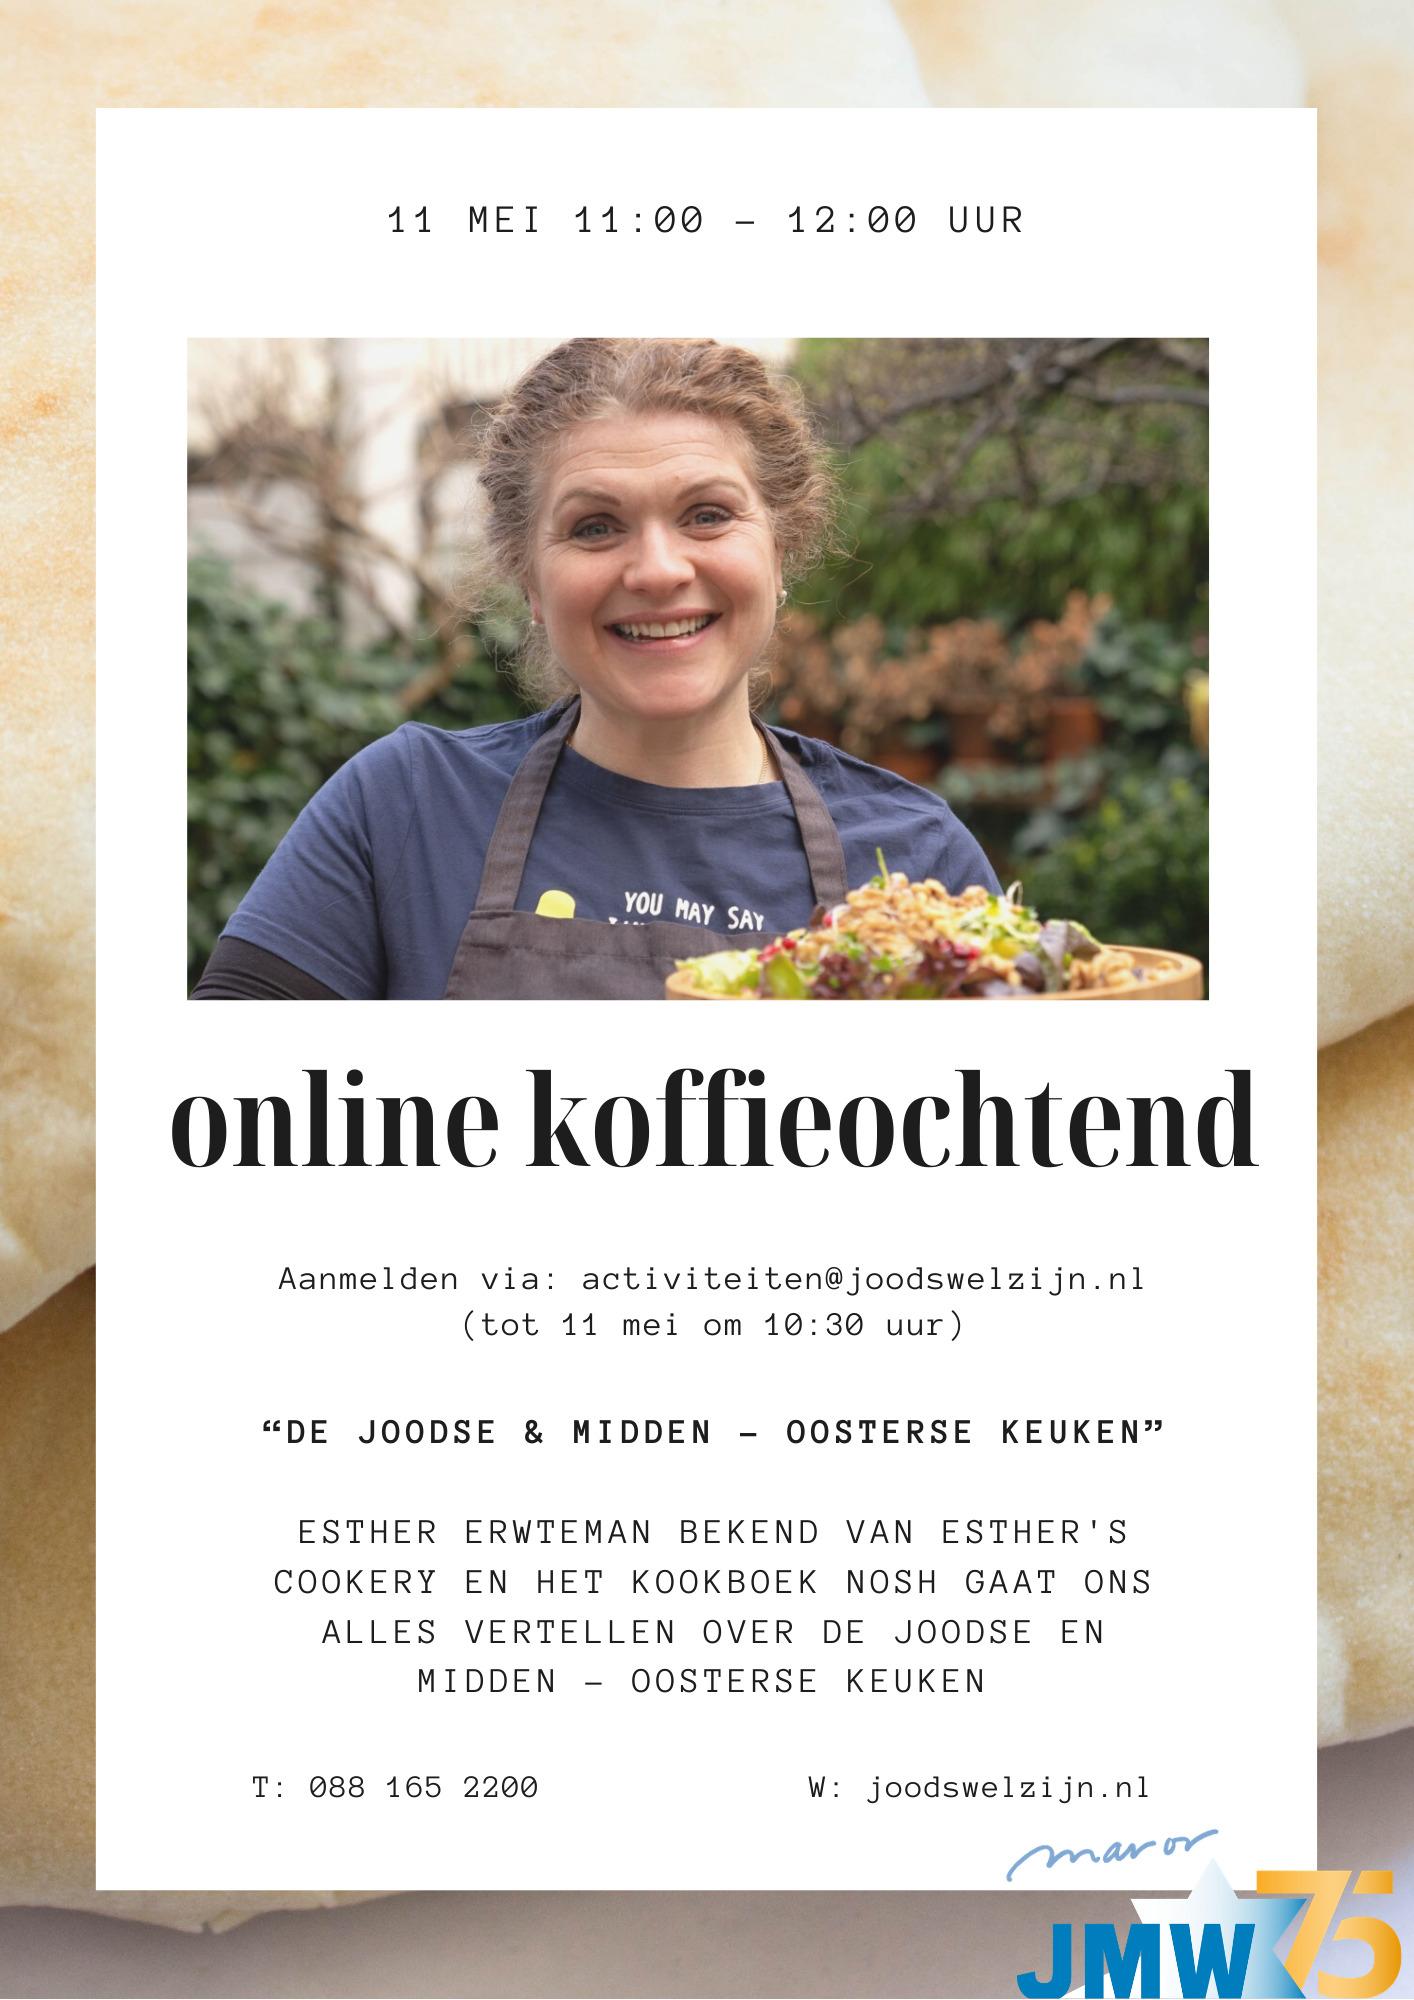 JMW: Online koffieochtend Esther Erwteman over de Joodse en Midden-Oosterse keuken